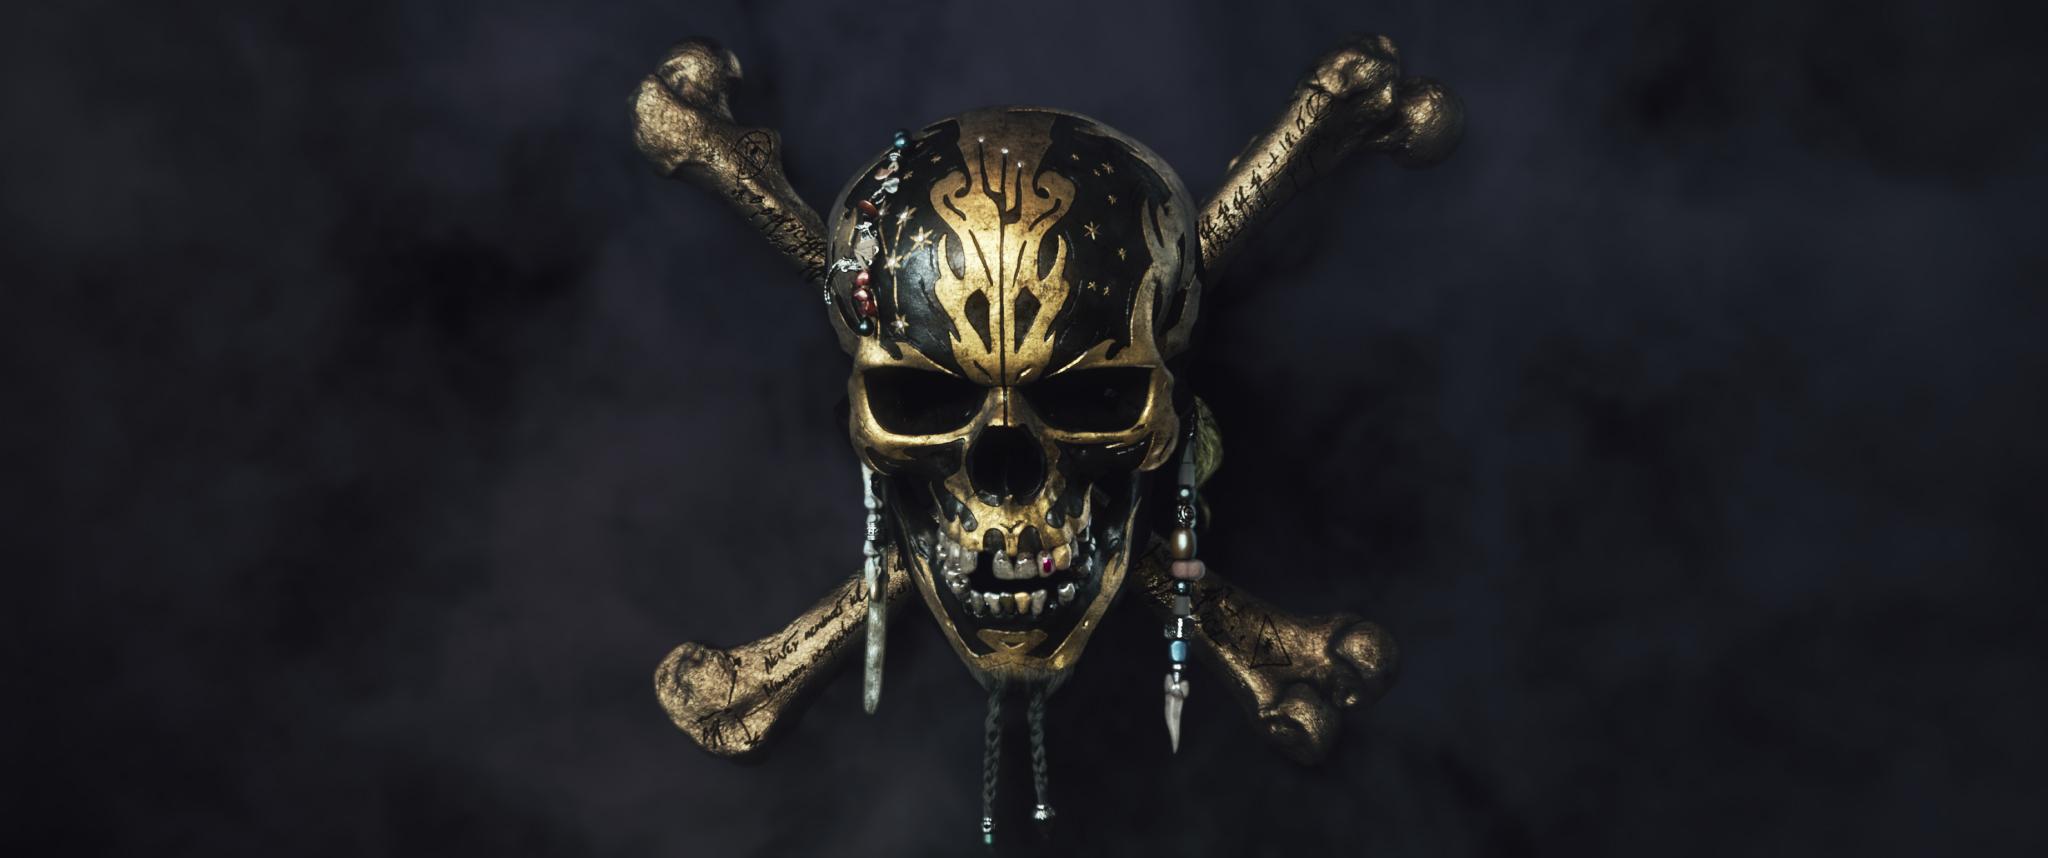 Dead Men Tell No Tales Wallpaper: Pirates-of-the-caribbean-dead-men-tell-no-tales-logo